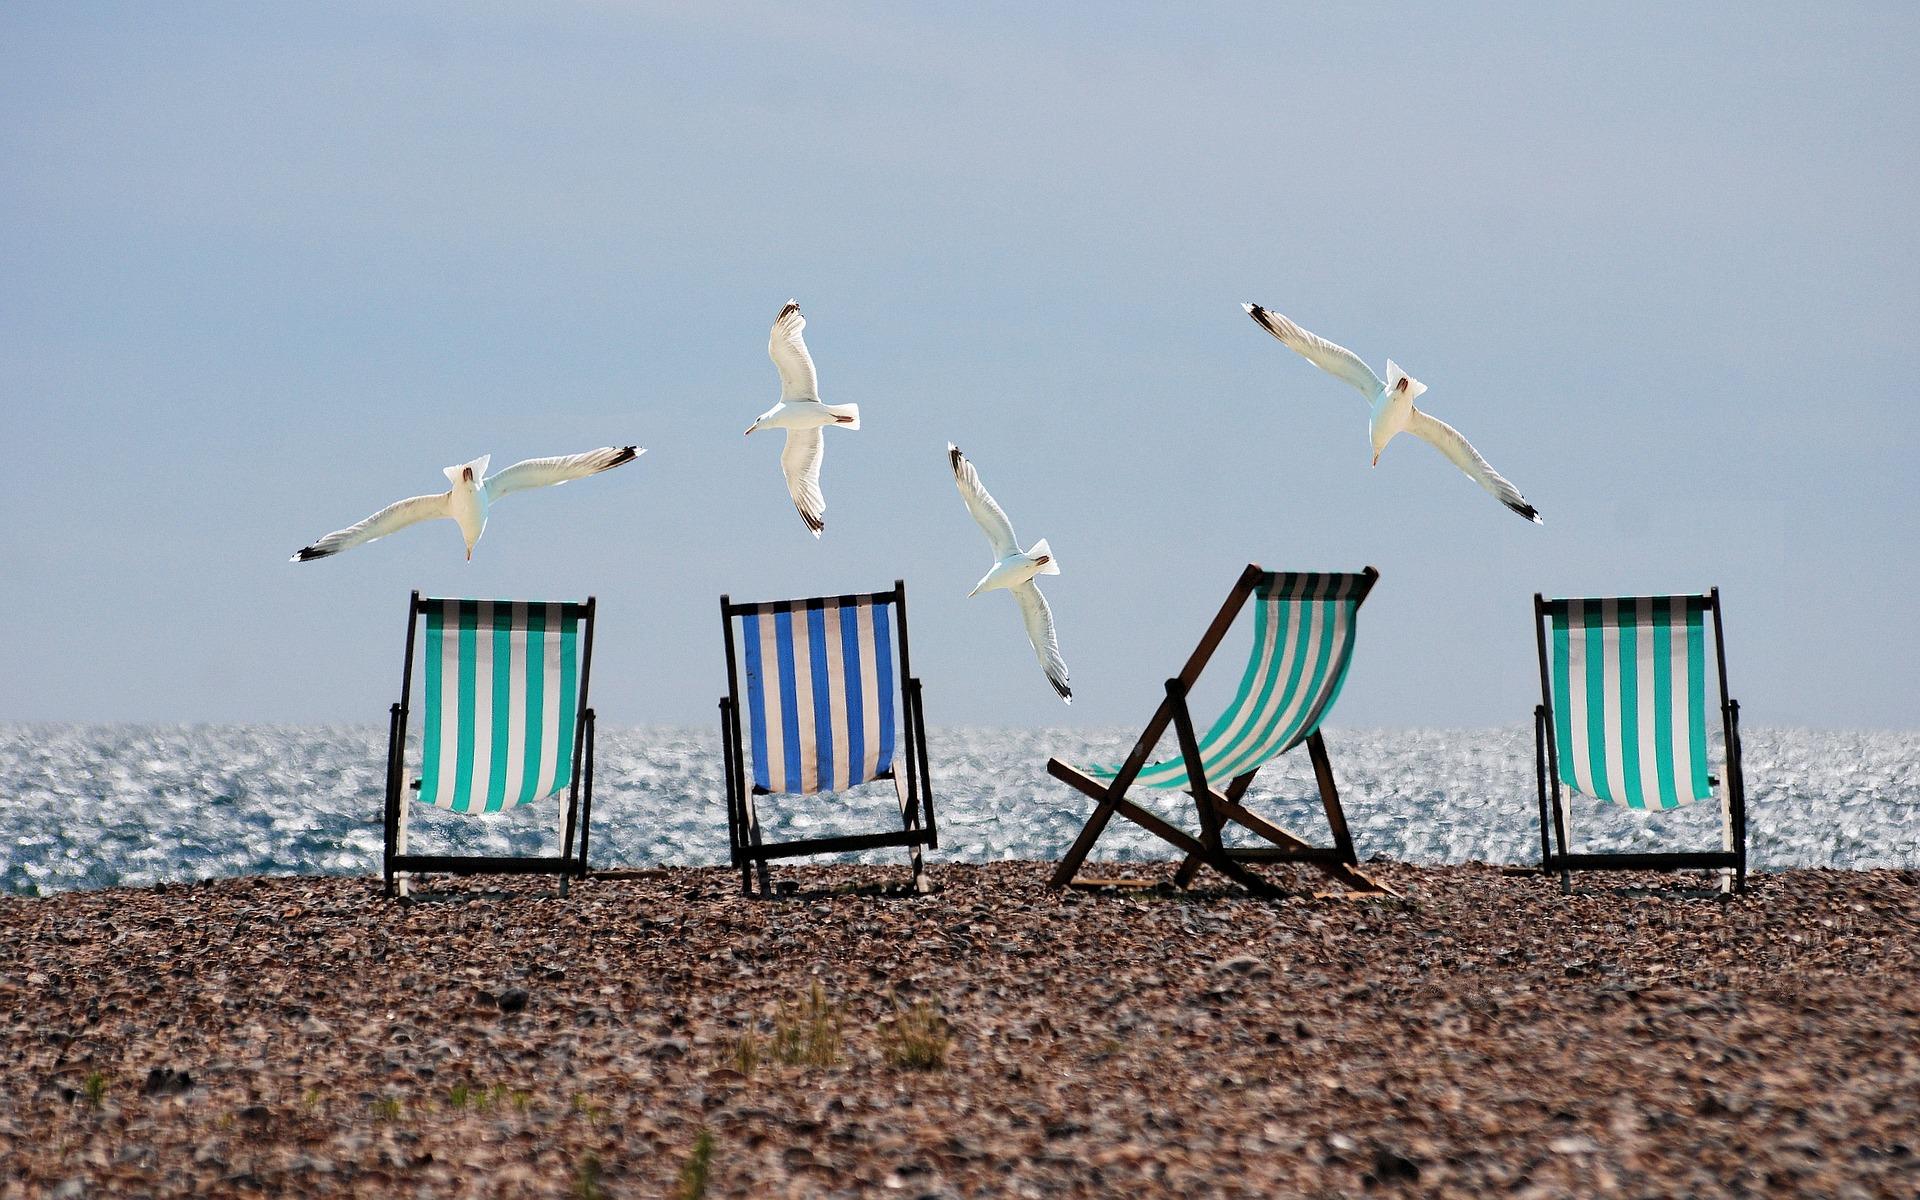 summer 814679 1920 - Gdzie jechać na wakacje w Polsce (w lipcu, sierpniu i we wrześniu)?